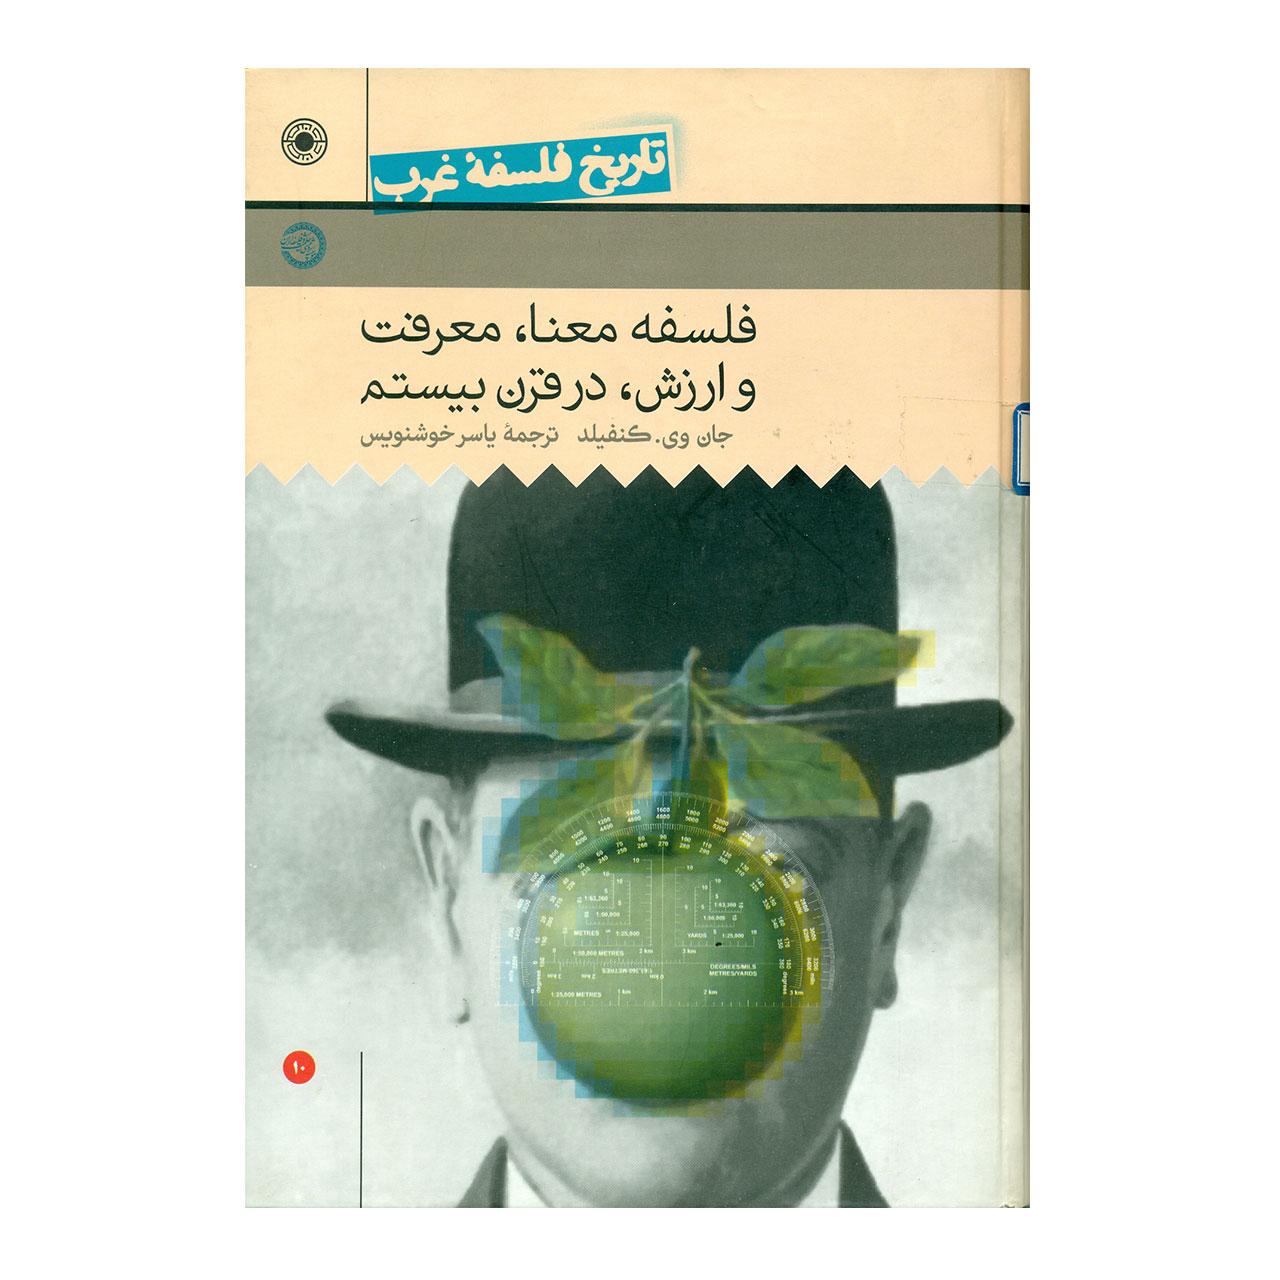 خرید                      کتاب تاریخ فلسفه غرب جلد 10 اثر جان کنفیلید